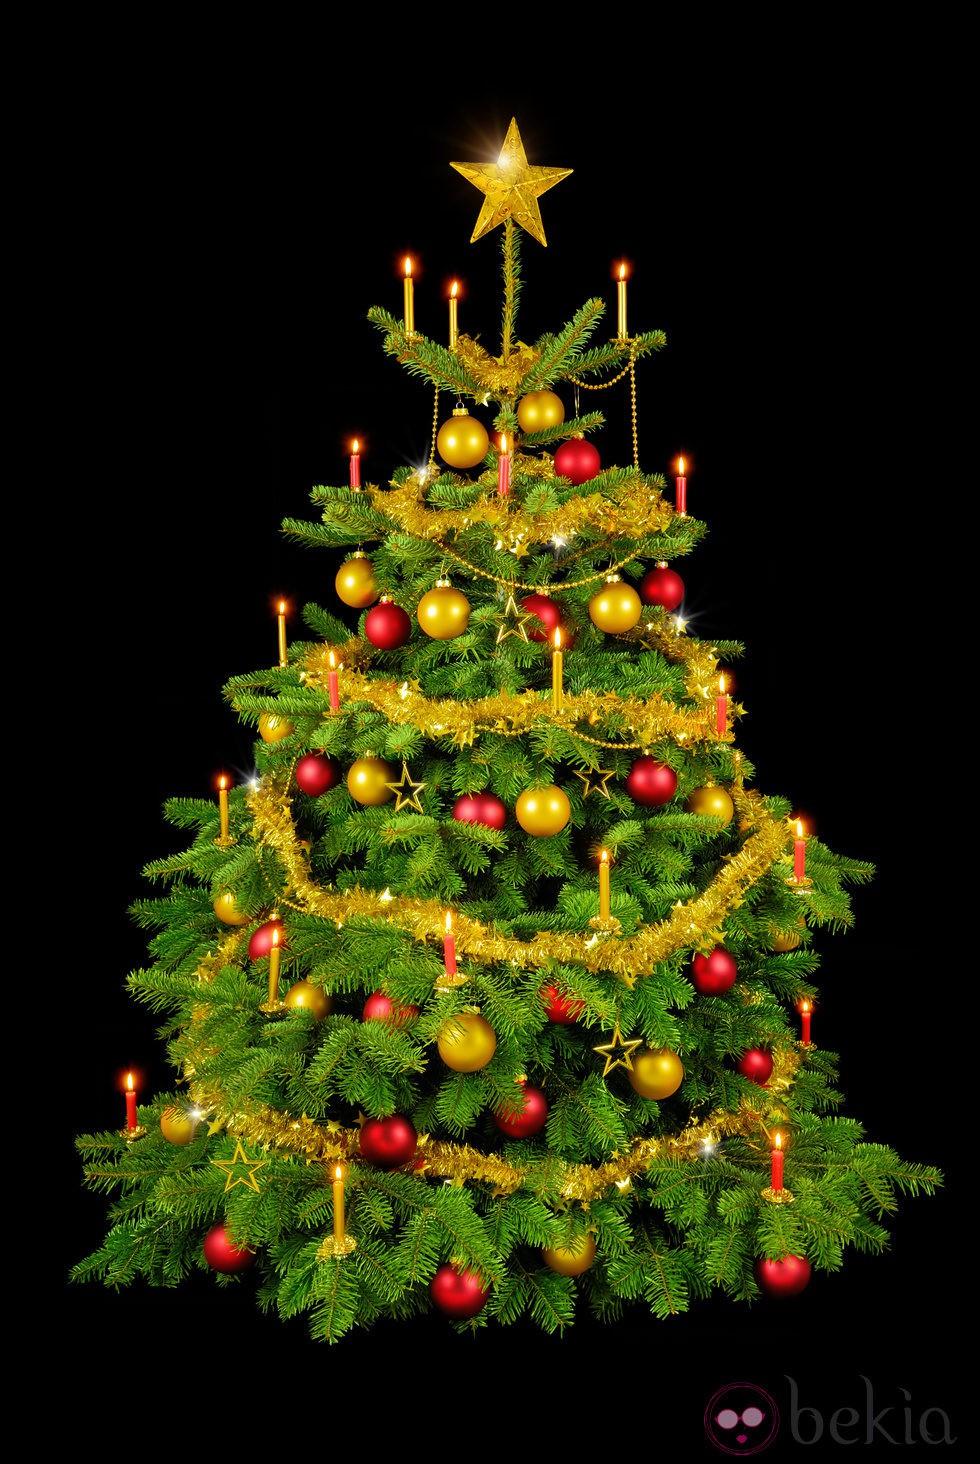 Rbol de navidad decorado con adornos dorados y rojos - Arboles navidad decorados ...